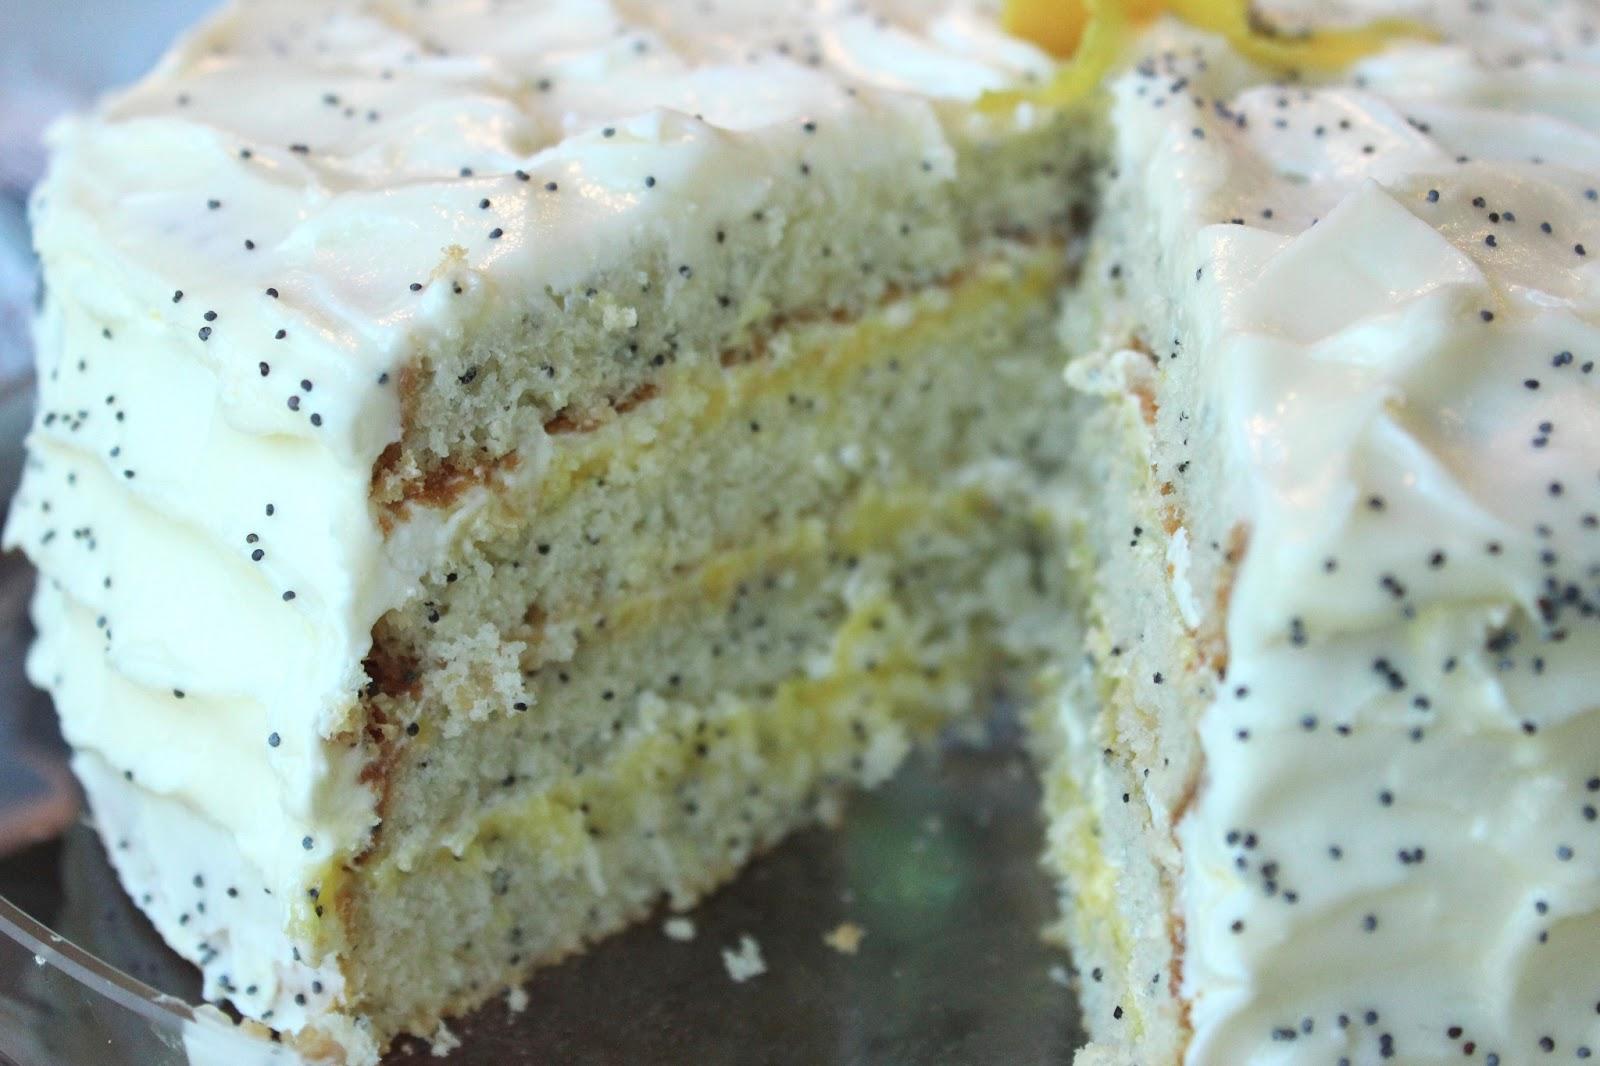 CupcakesOMG!: Lemon Poppyseed Cake